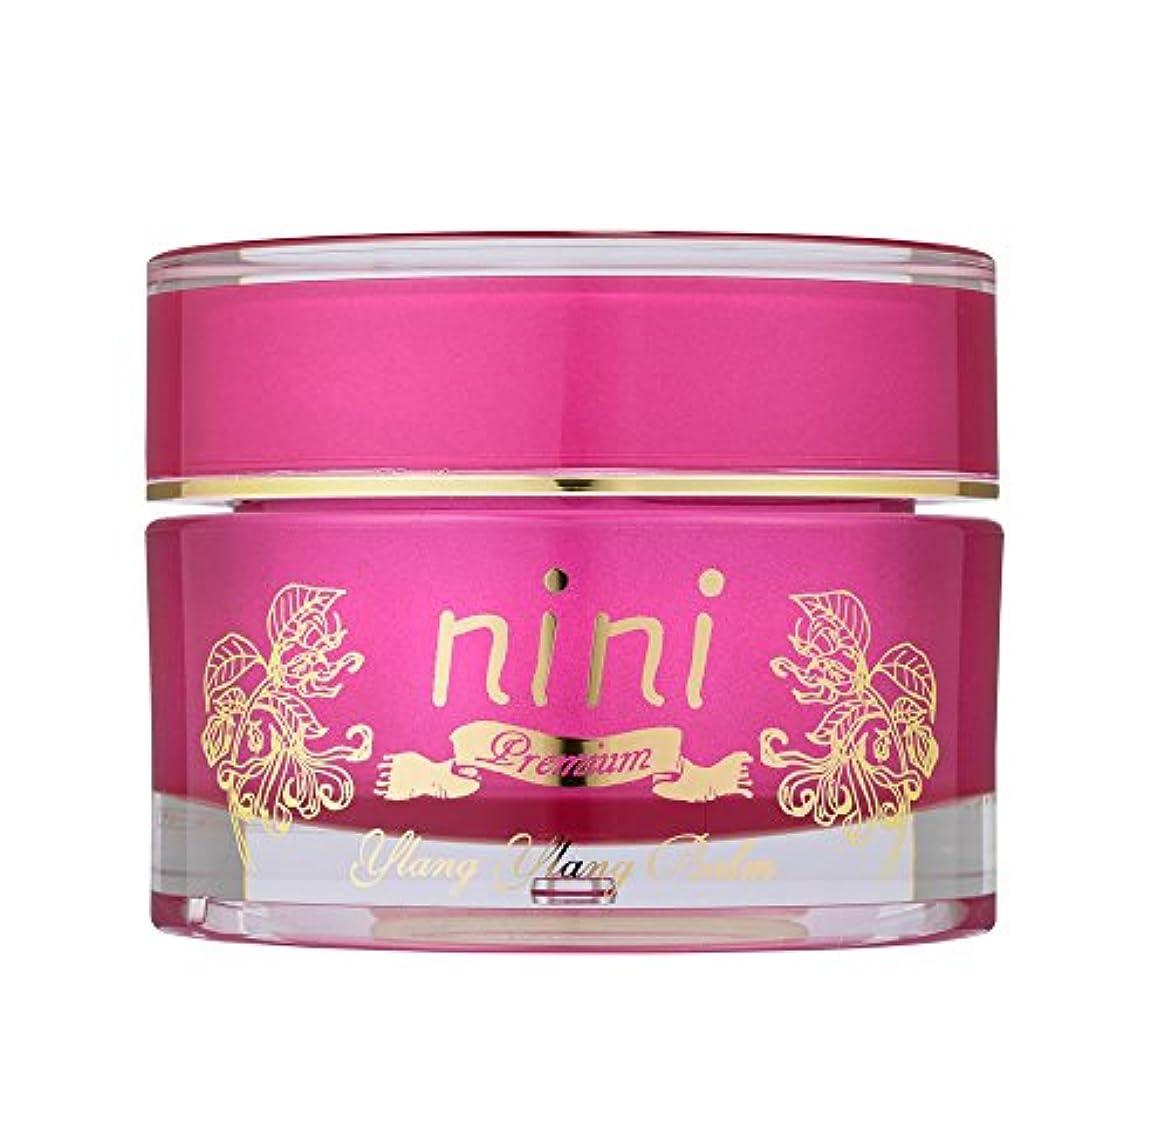 質素な希望に満ちた浸すnini Premium(ニニ プレミア) イランイランバーム(ジャスミンオイル?ダマスクローズオットーを配合) 60ml